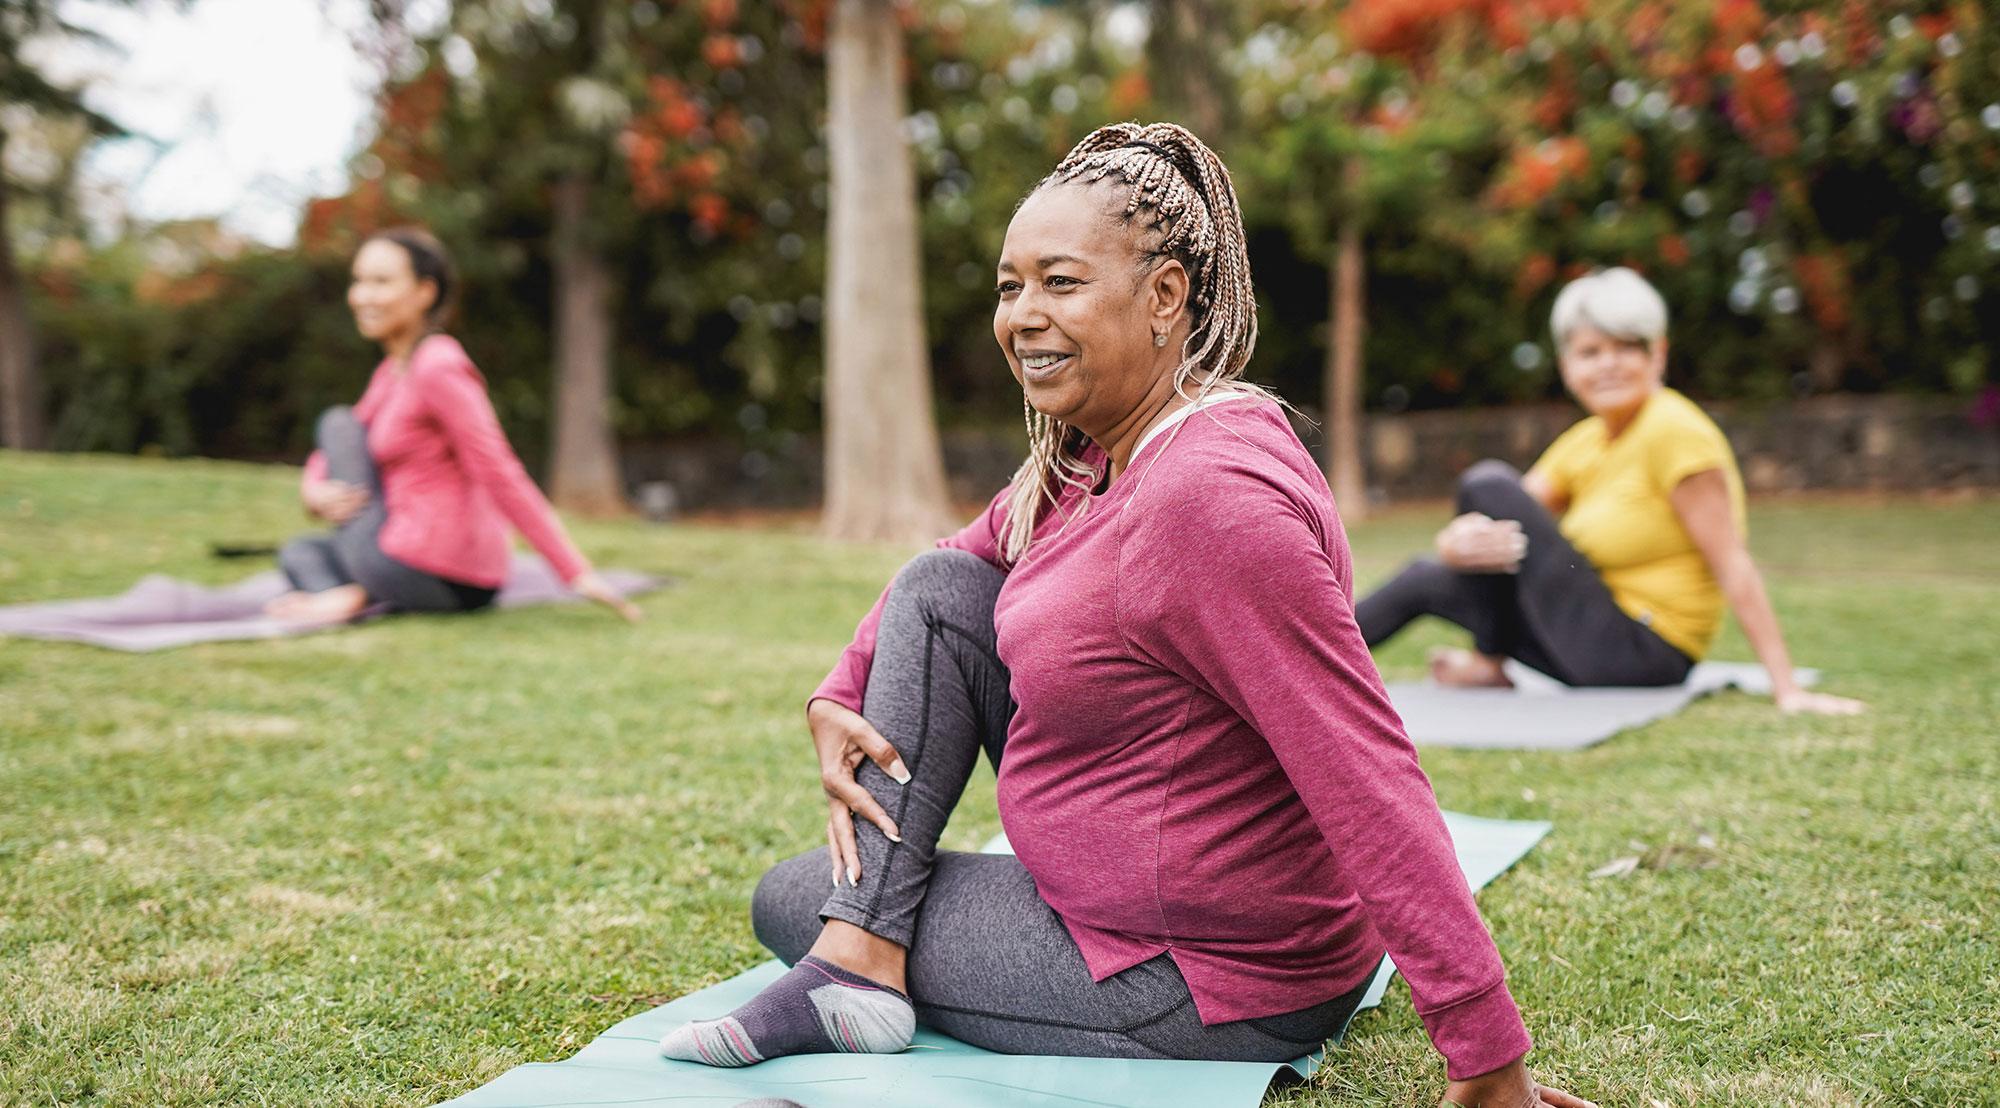 Rethinking exercise: focusing on activity